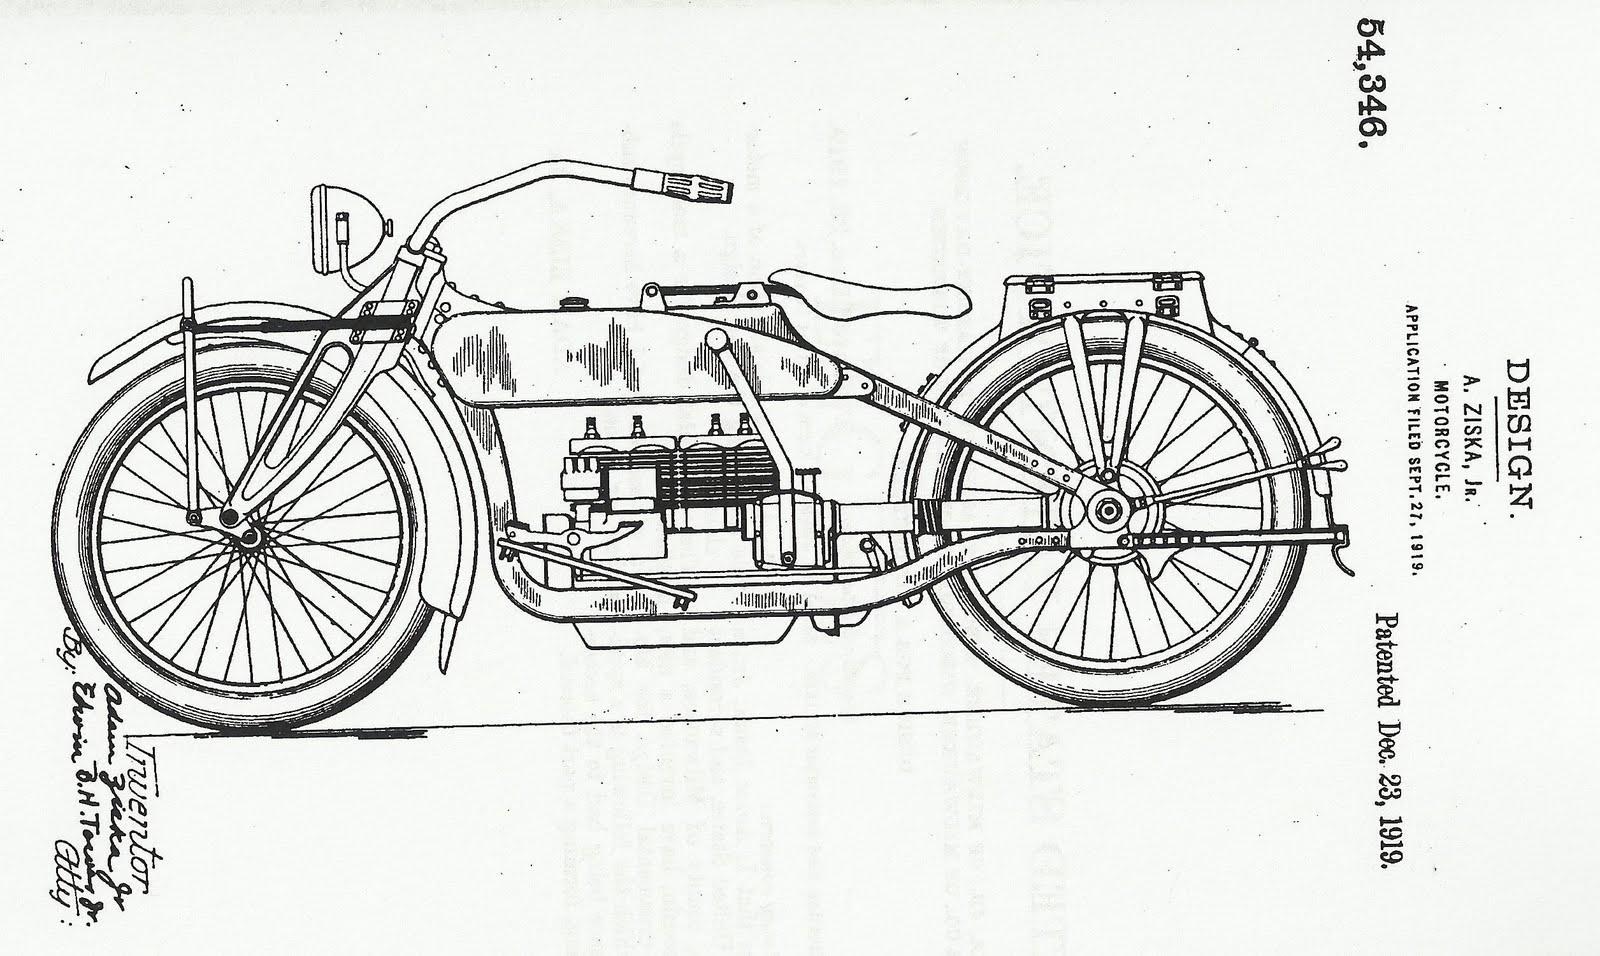 arial atom car